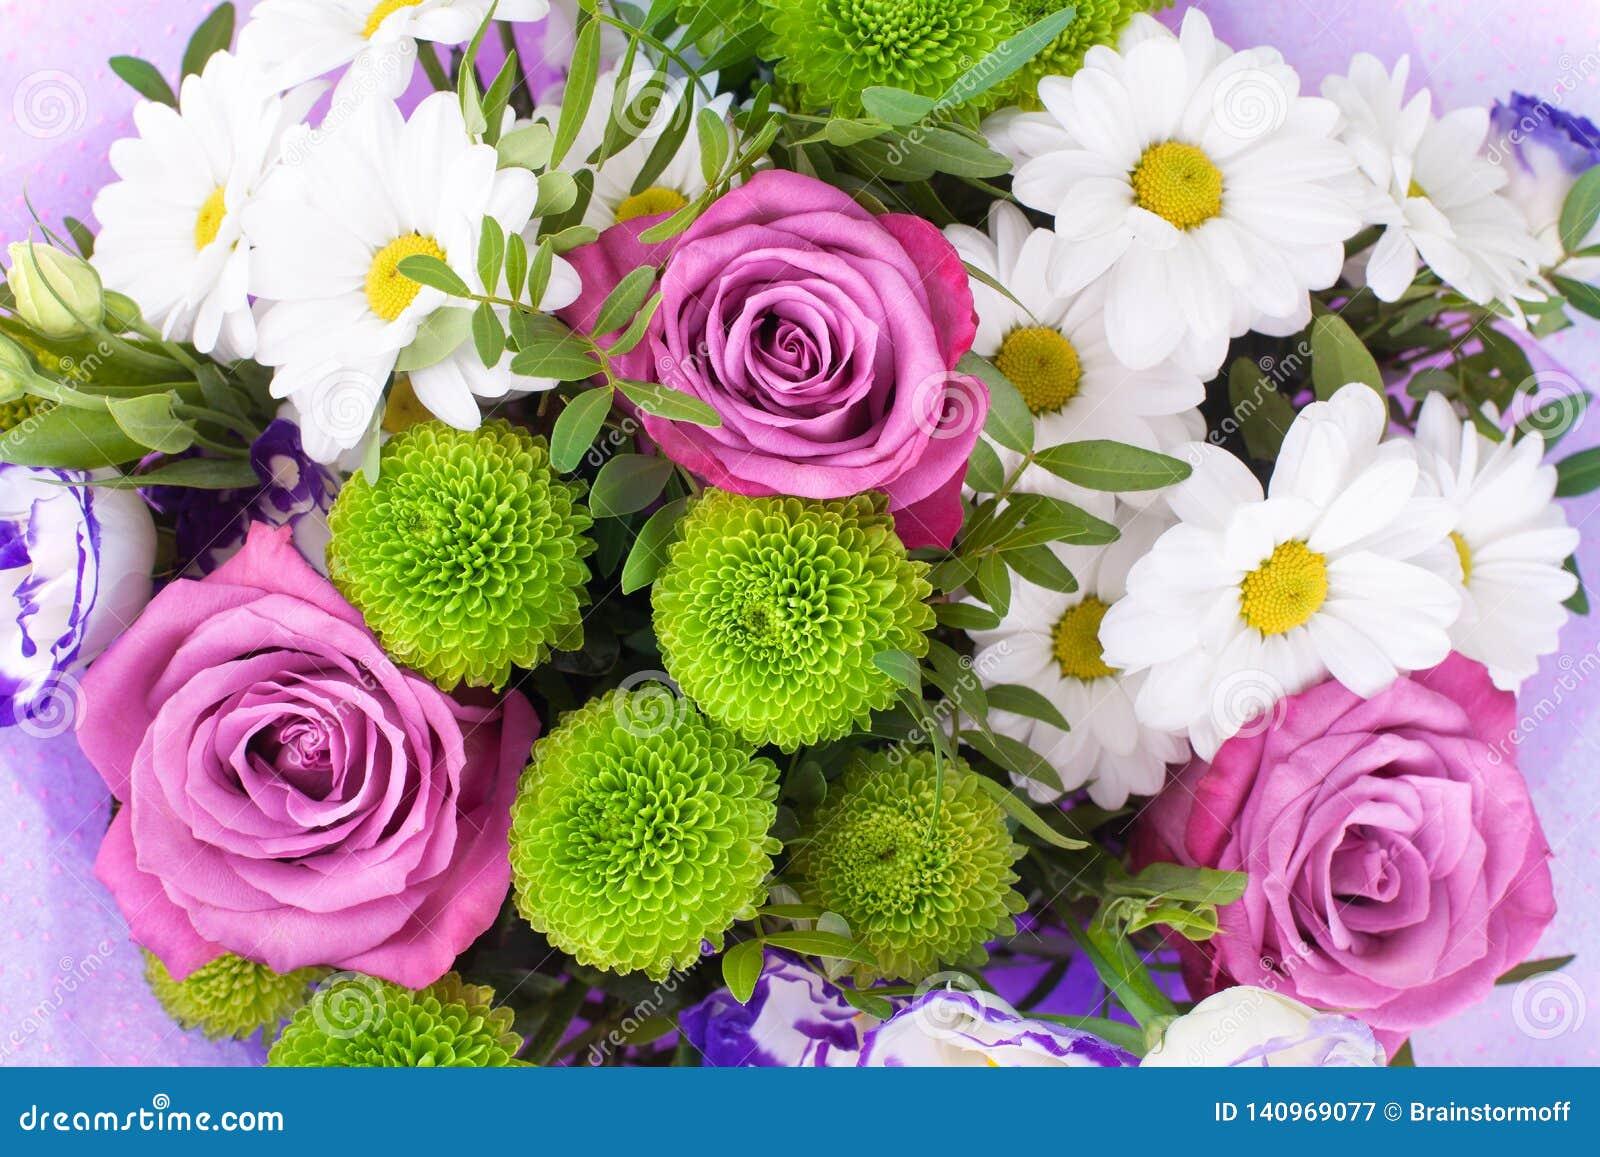 Bukiet kwiat różowe róże, białe chryzantemy z zielonymi liśćmi na biały tło odizolowywającym zakończeniu w górę